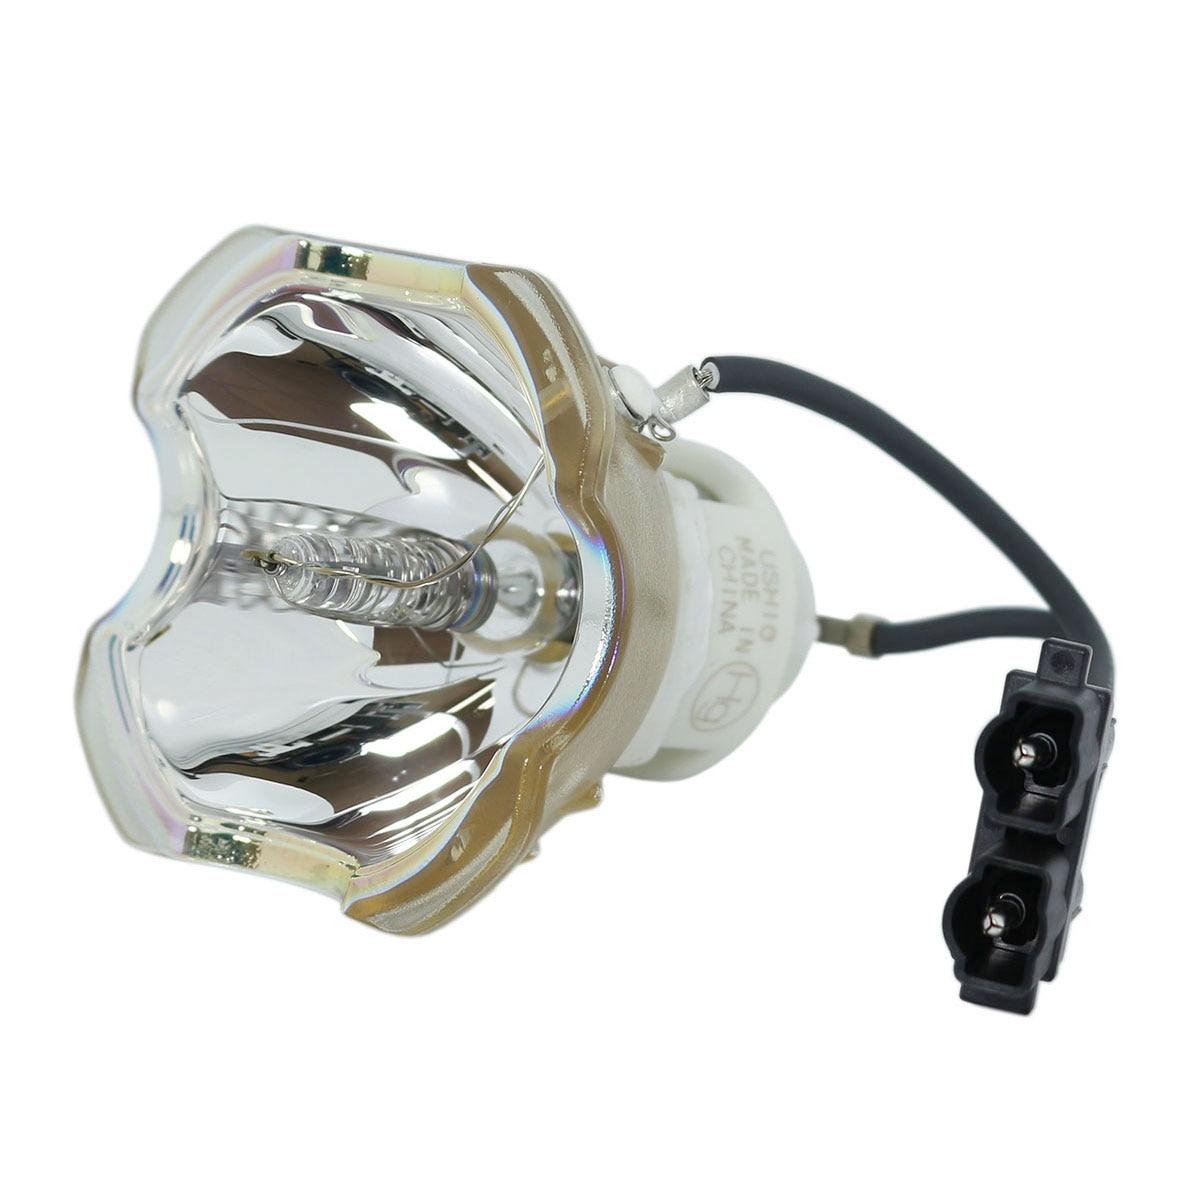 Compatible Bare Bulb MT60LP MT-60LP for NEC MT1060 MT1065 MT860 Projector Lamp Bulbs without housing/case free shipping projector bulb lh01lp lh 01lp for nec ht510 ht410 projector lamp bulbs with housing free shipping